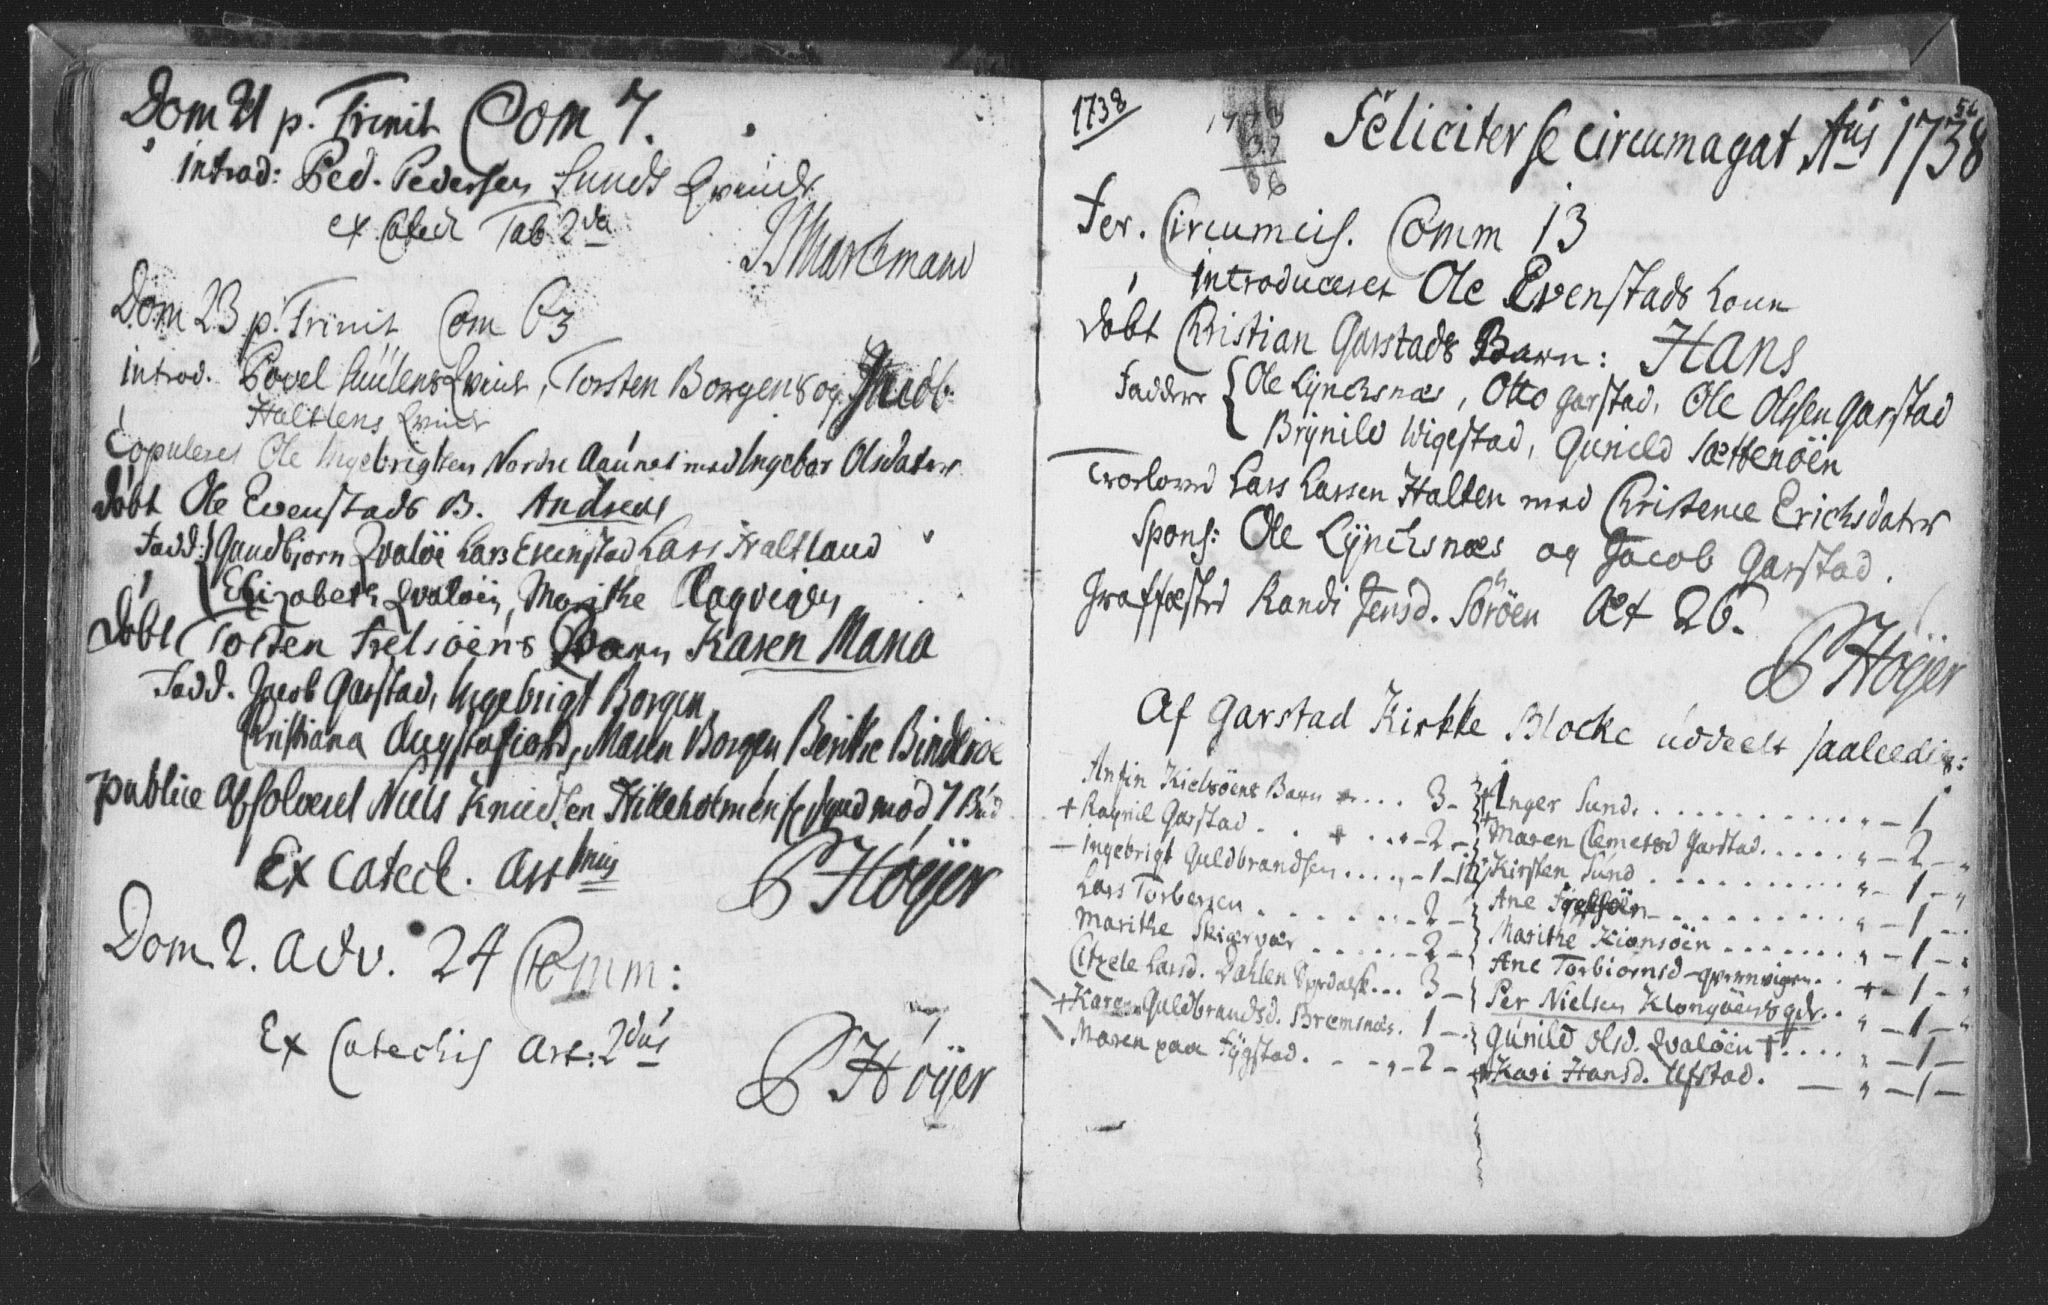 SAT, Ministerialprotokoller, klokkerbøker og fødselsregistre - Nord-Trøndelag, 786/L0685: Ministerialbok nr. 786A01, 1710-1798, s. 56